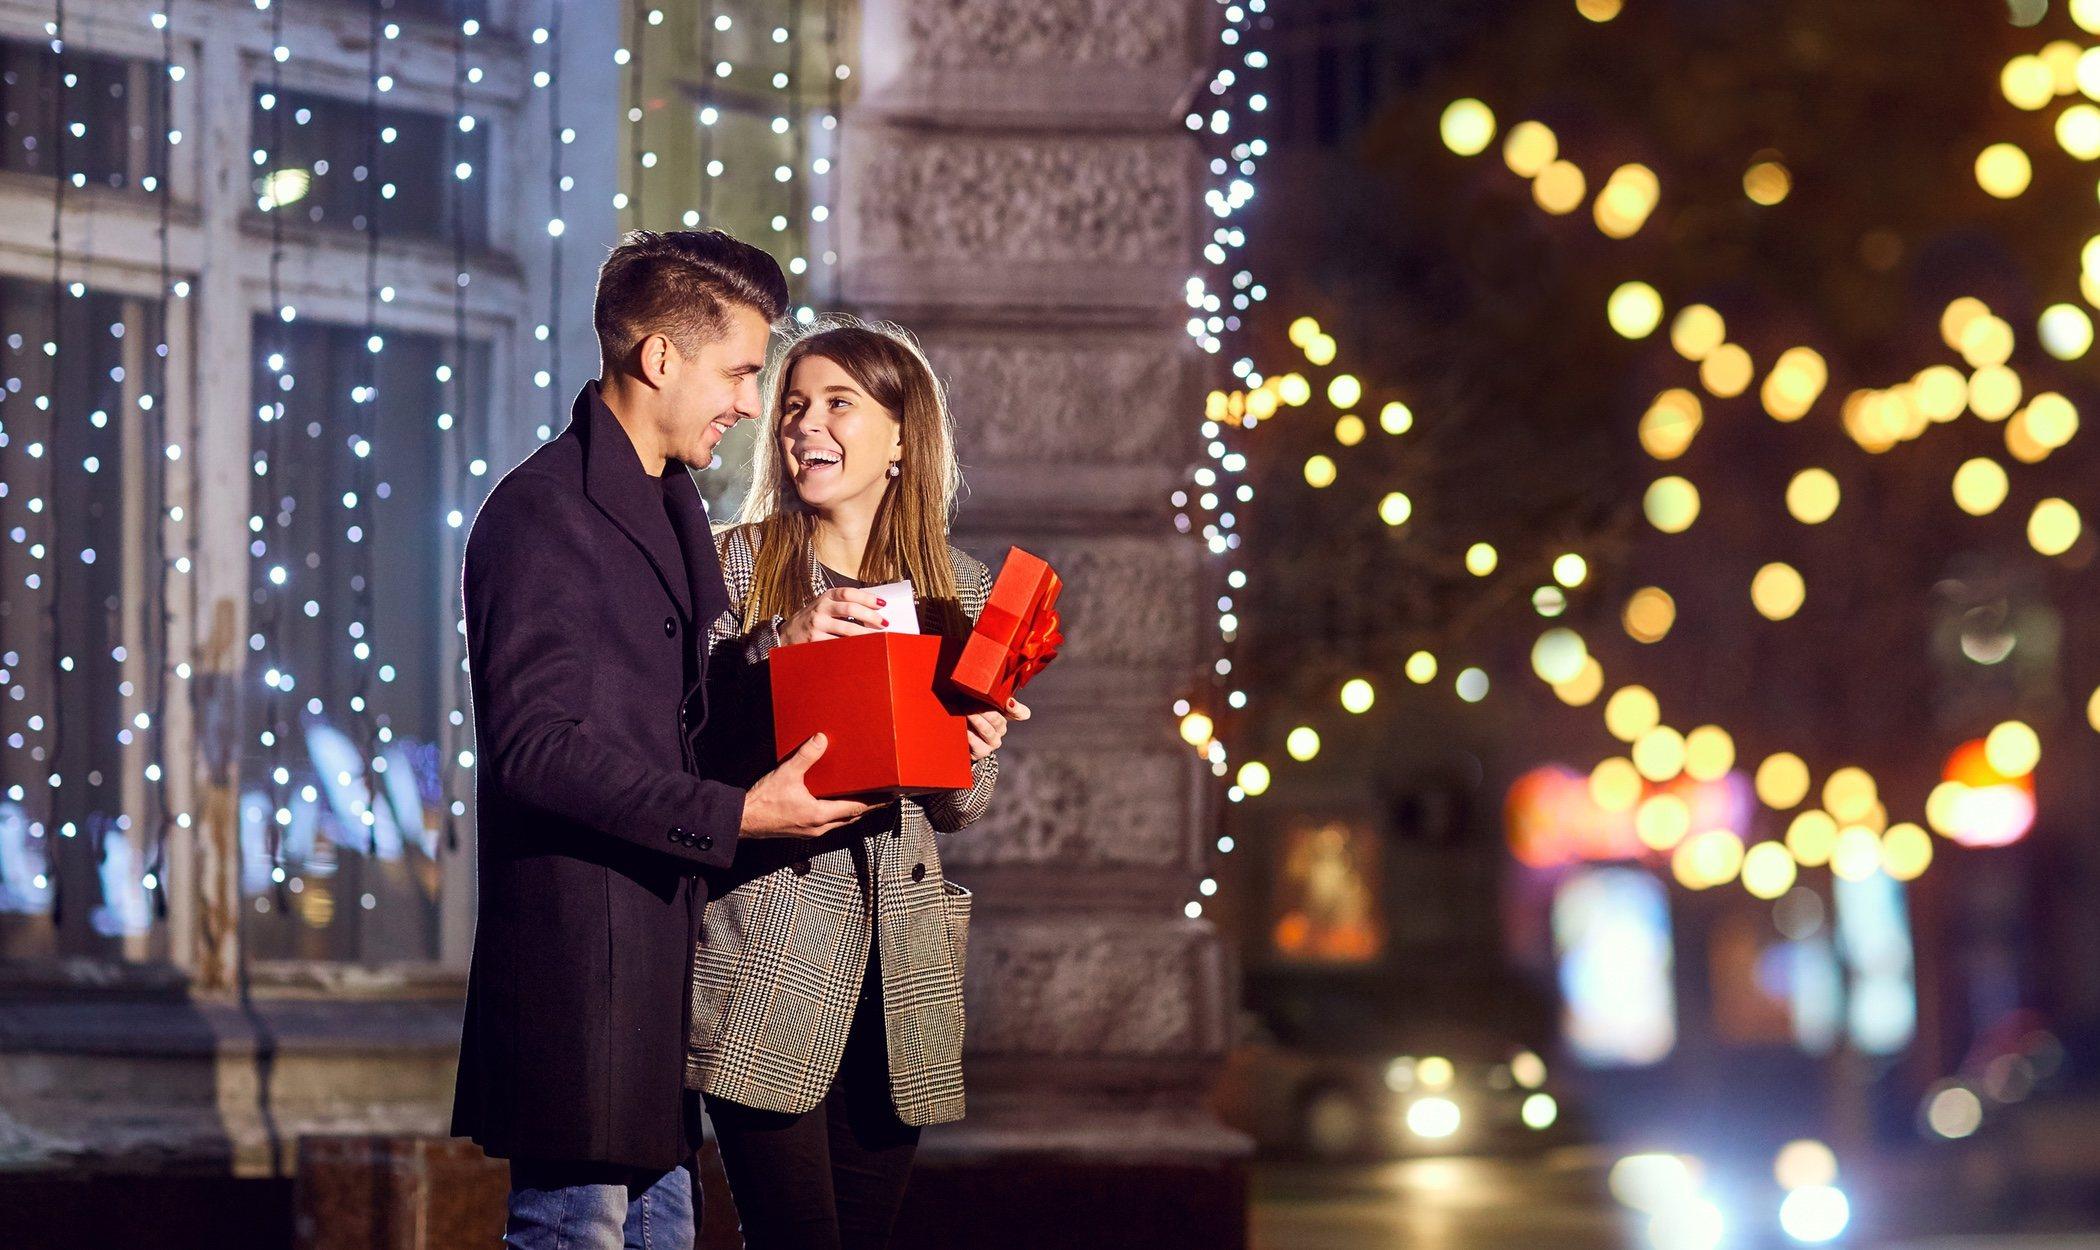 ¿Por qué se dan regalos en Navidad?